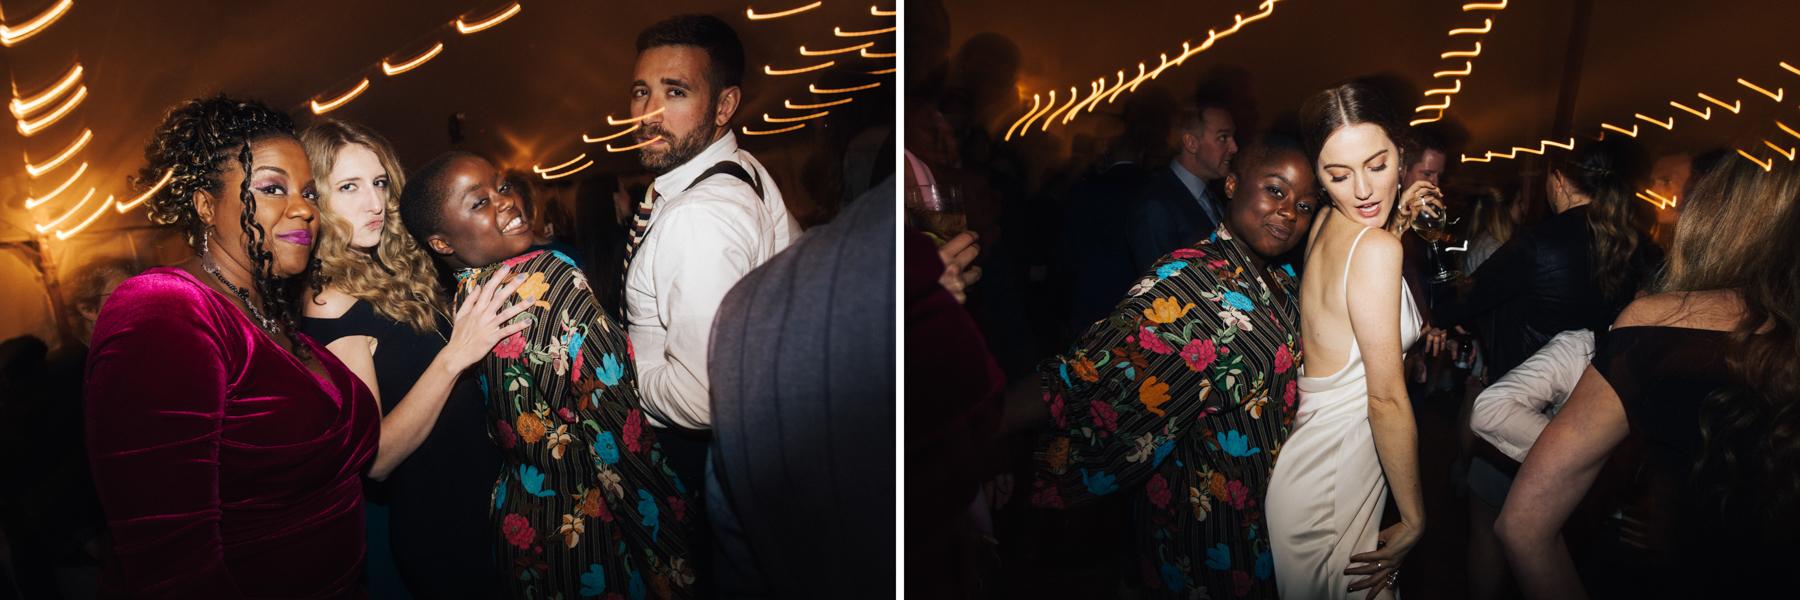 Hamilton_House_wedding_maine_Leah_Fisher_Photography-40.jpg